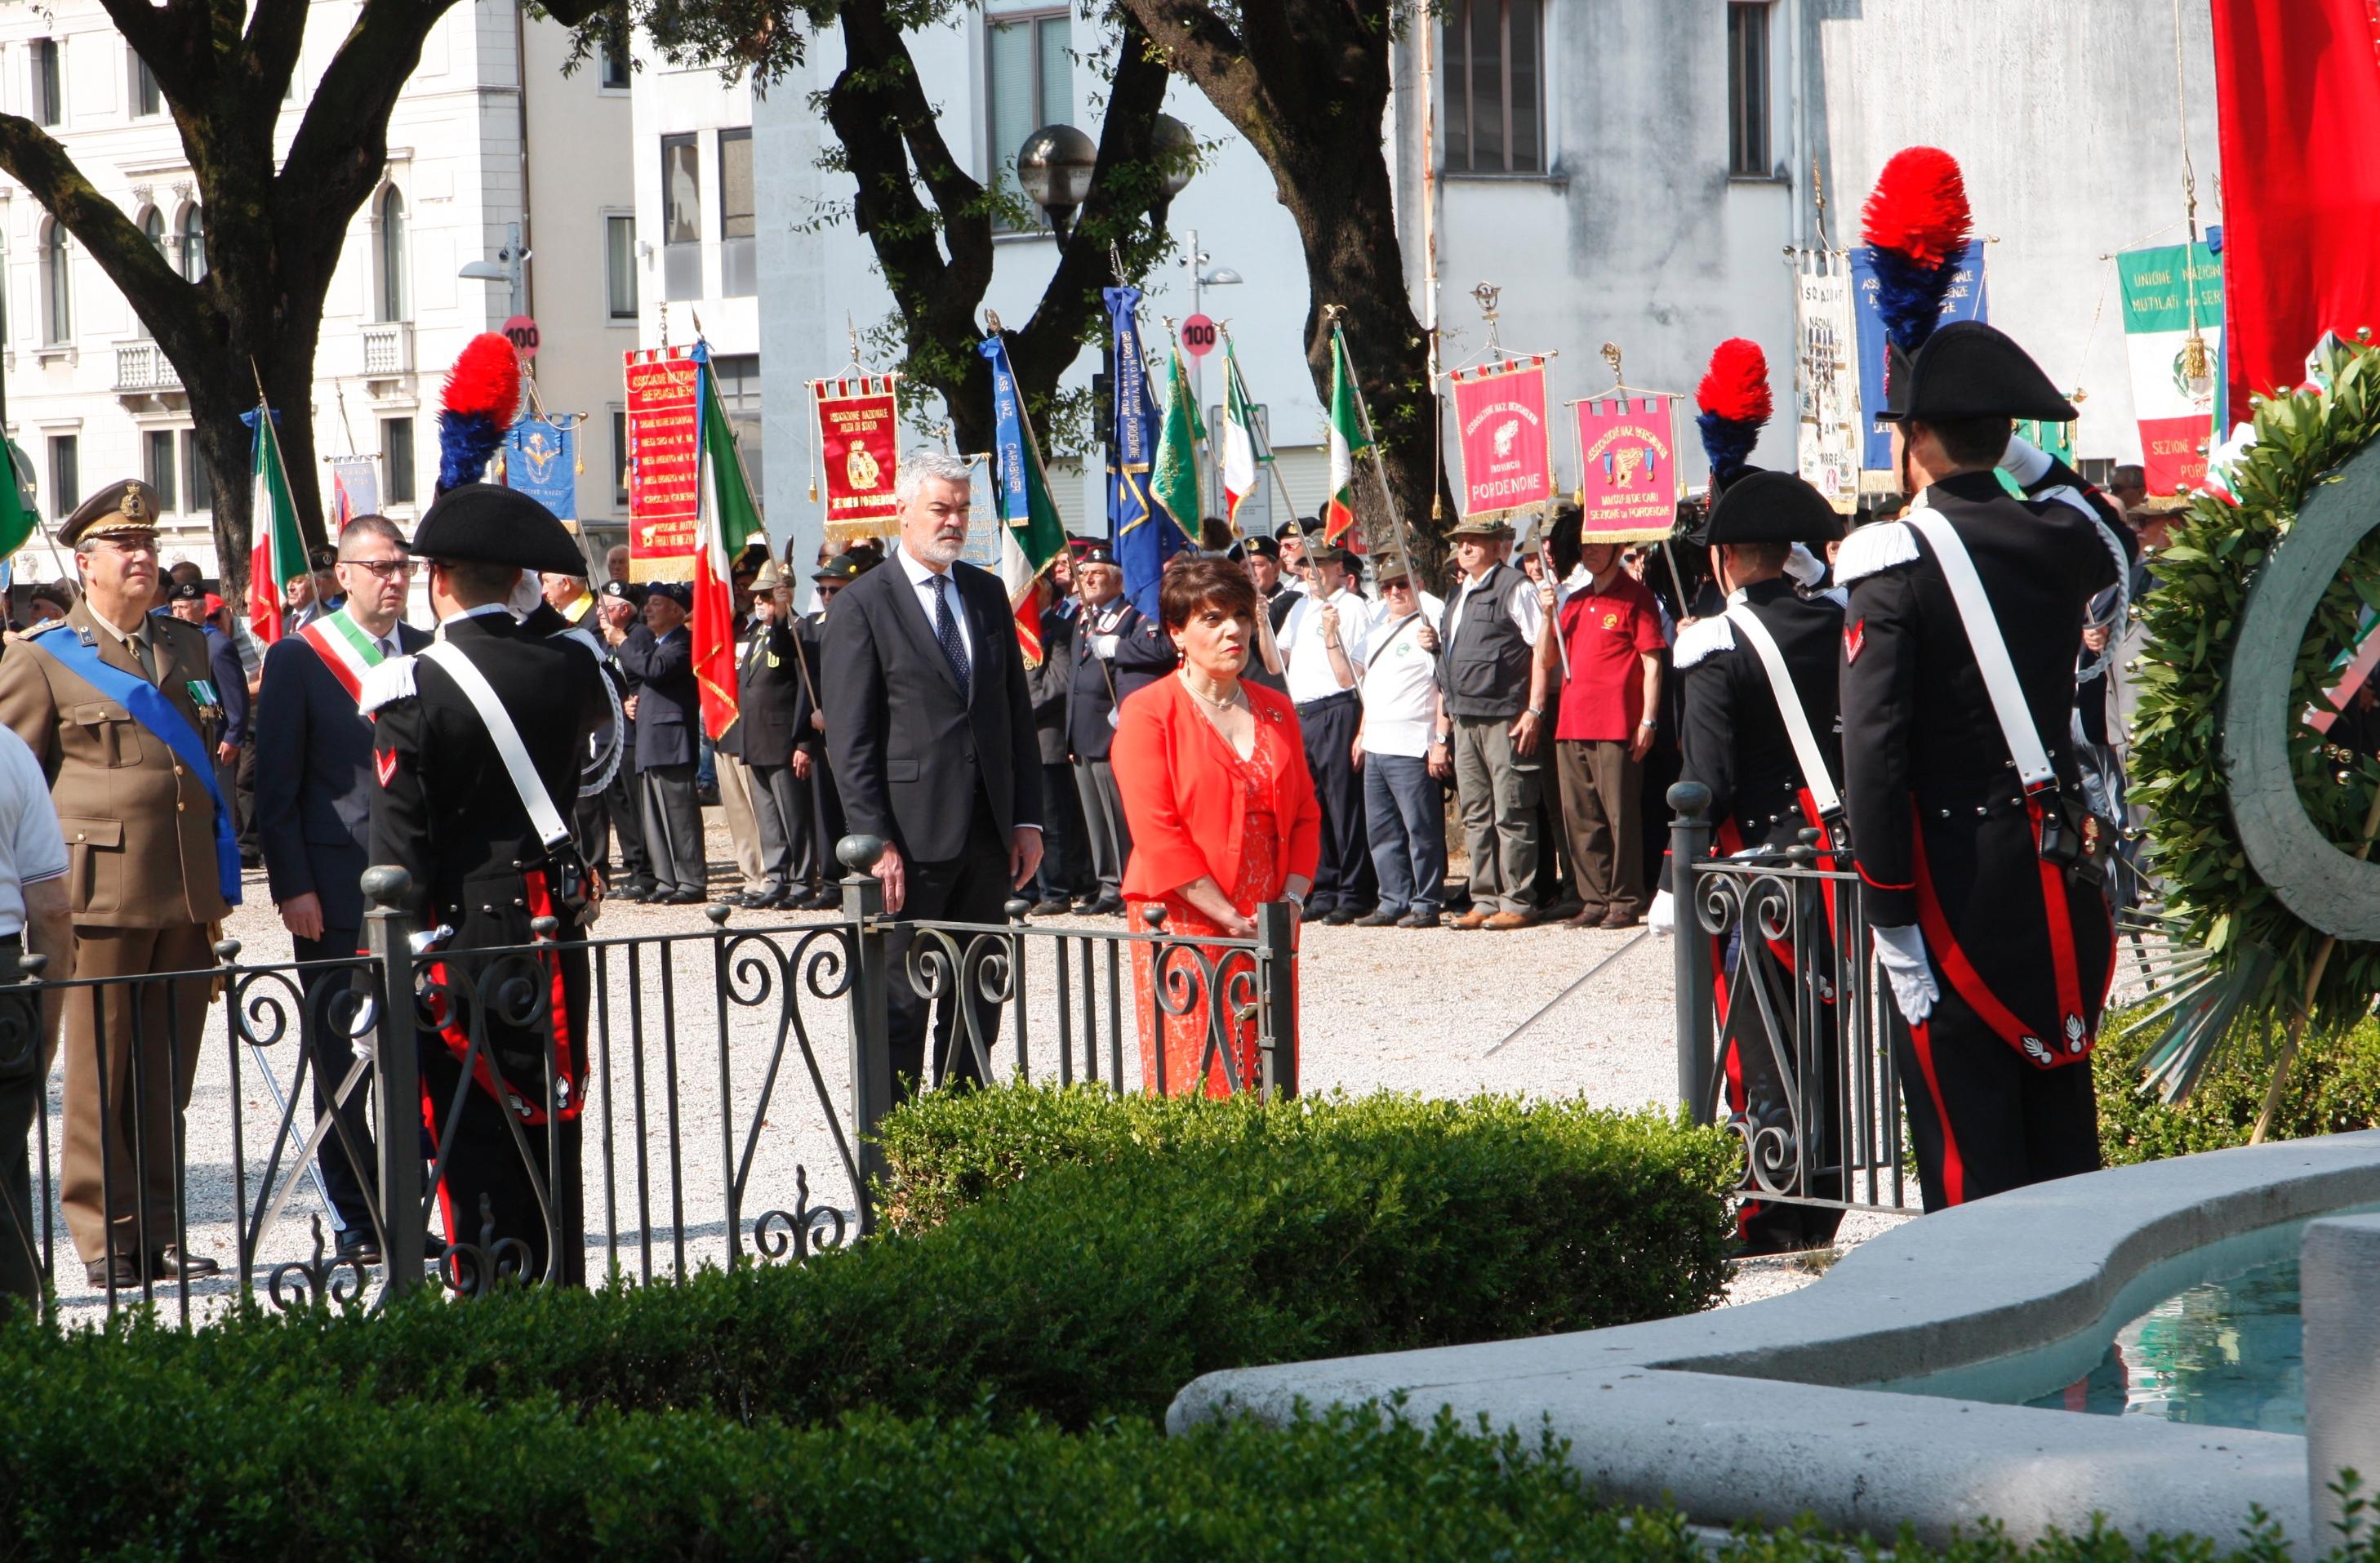 Foto     Deposizione di corona al Monumento ai Caduti